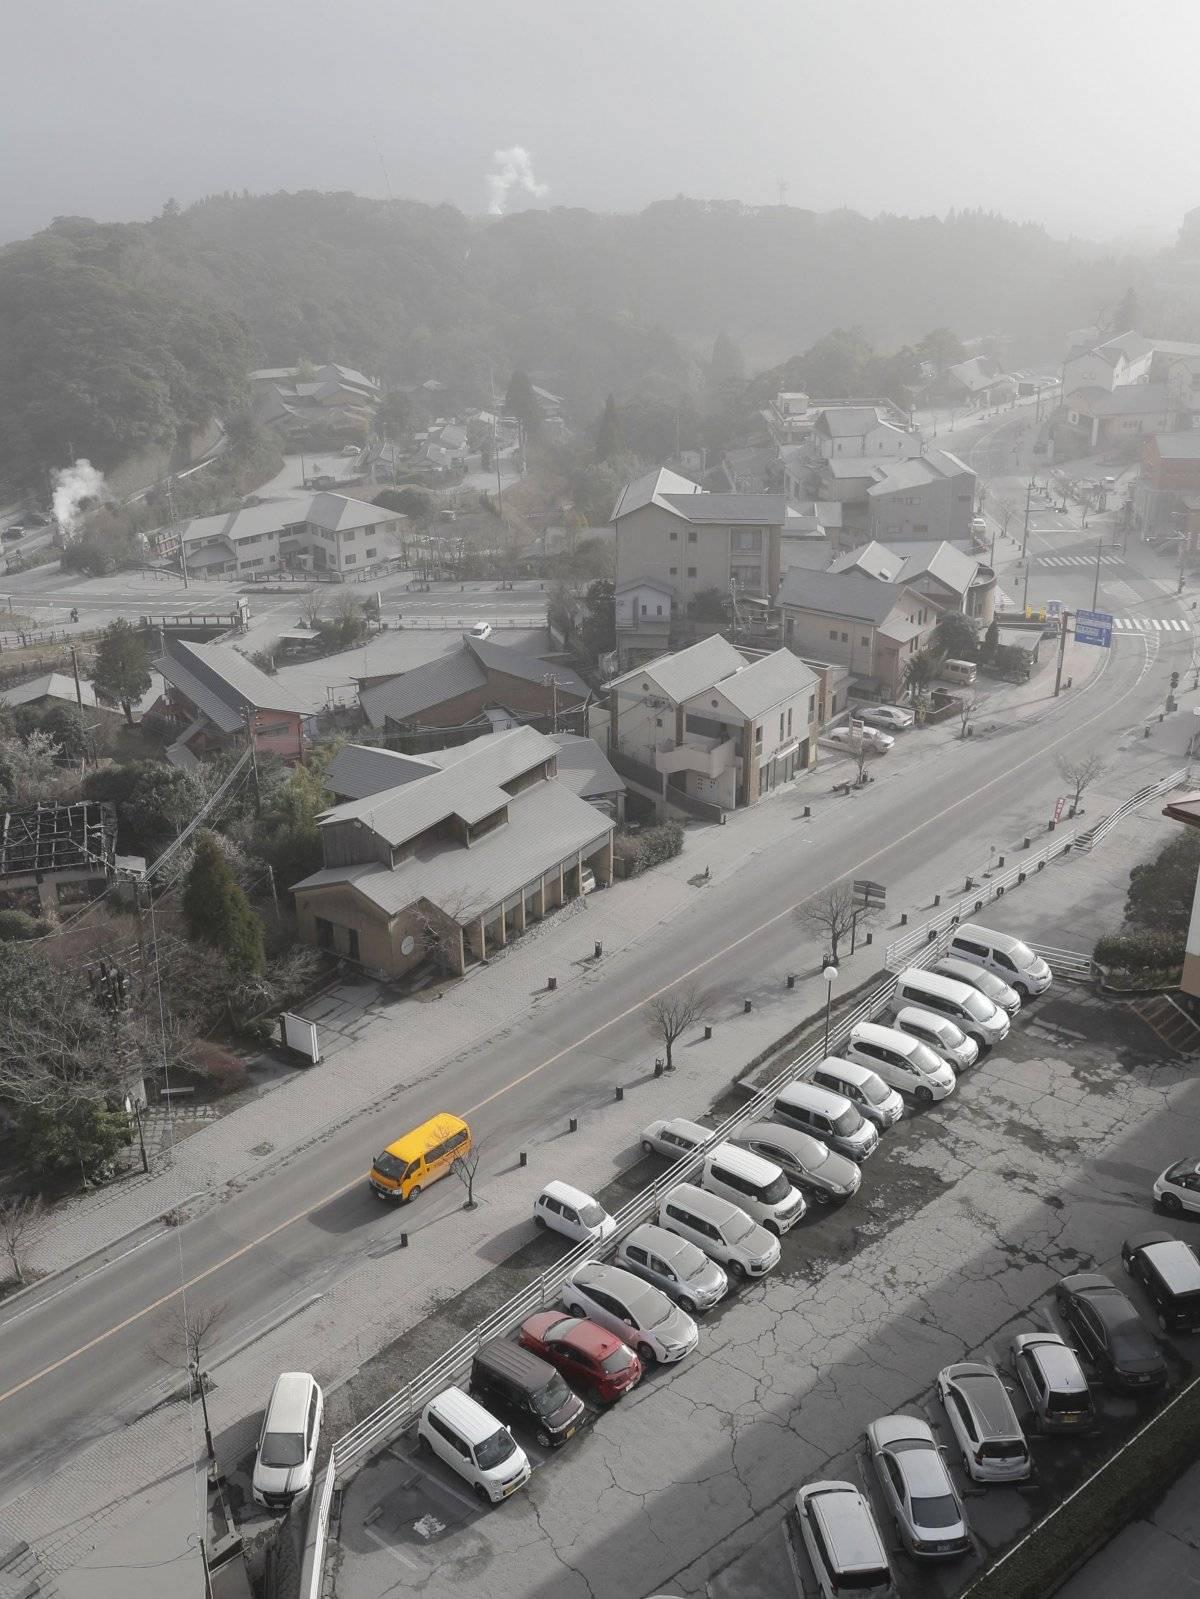 Automóviles y edificios quedaron cubiertos de cenizas volcánicas después de la erupción del Monte Shinmoedake, en la ciudad de Kirishima, a 6 kilómetros del volcán